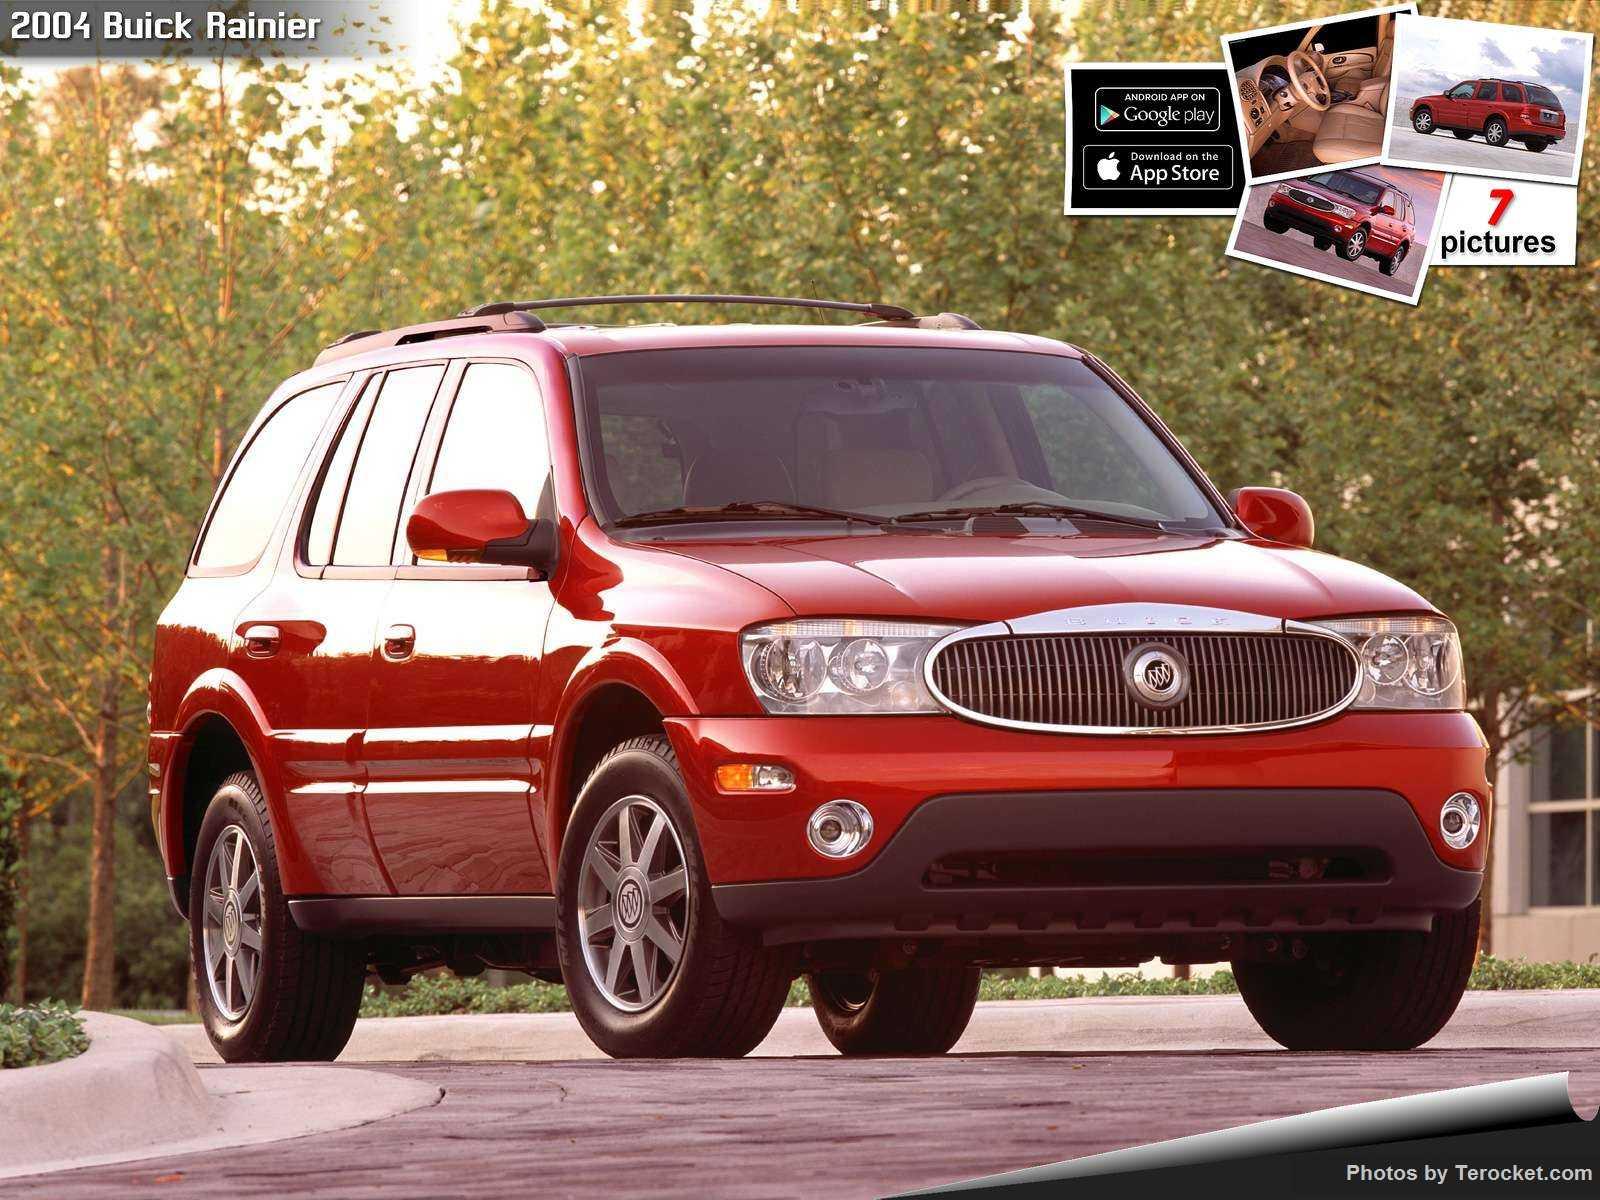 Hình ảnh xe ô tô Buick Rainier 2004 & nội ngoại thất